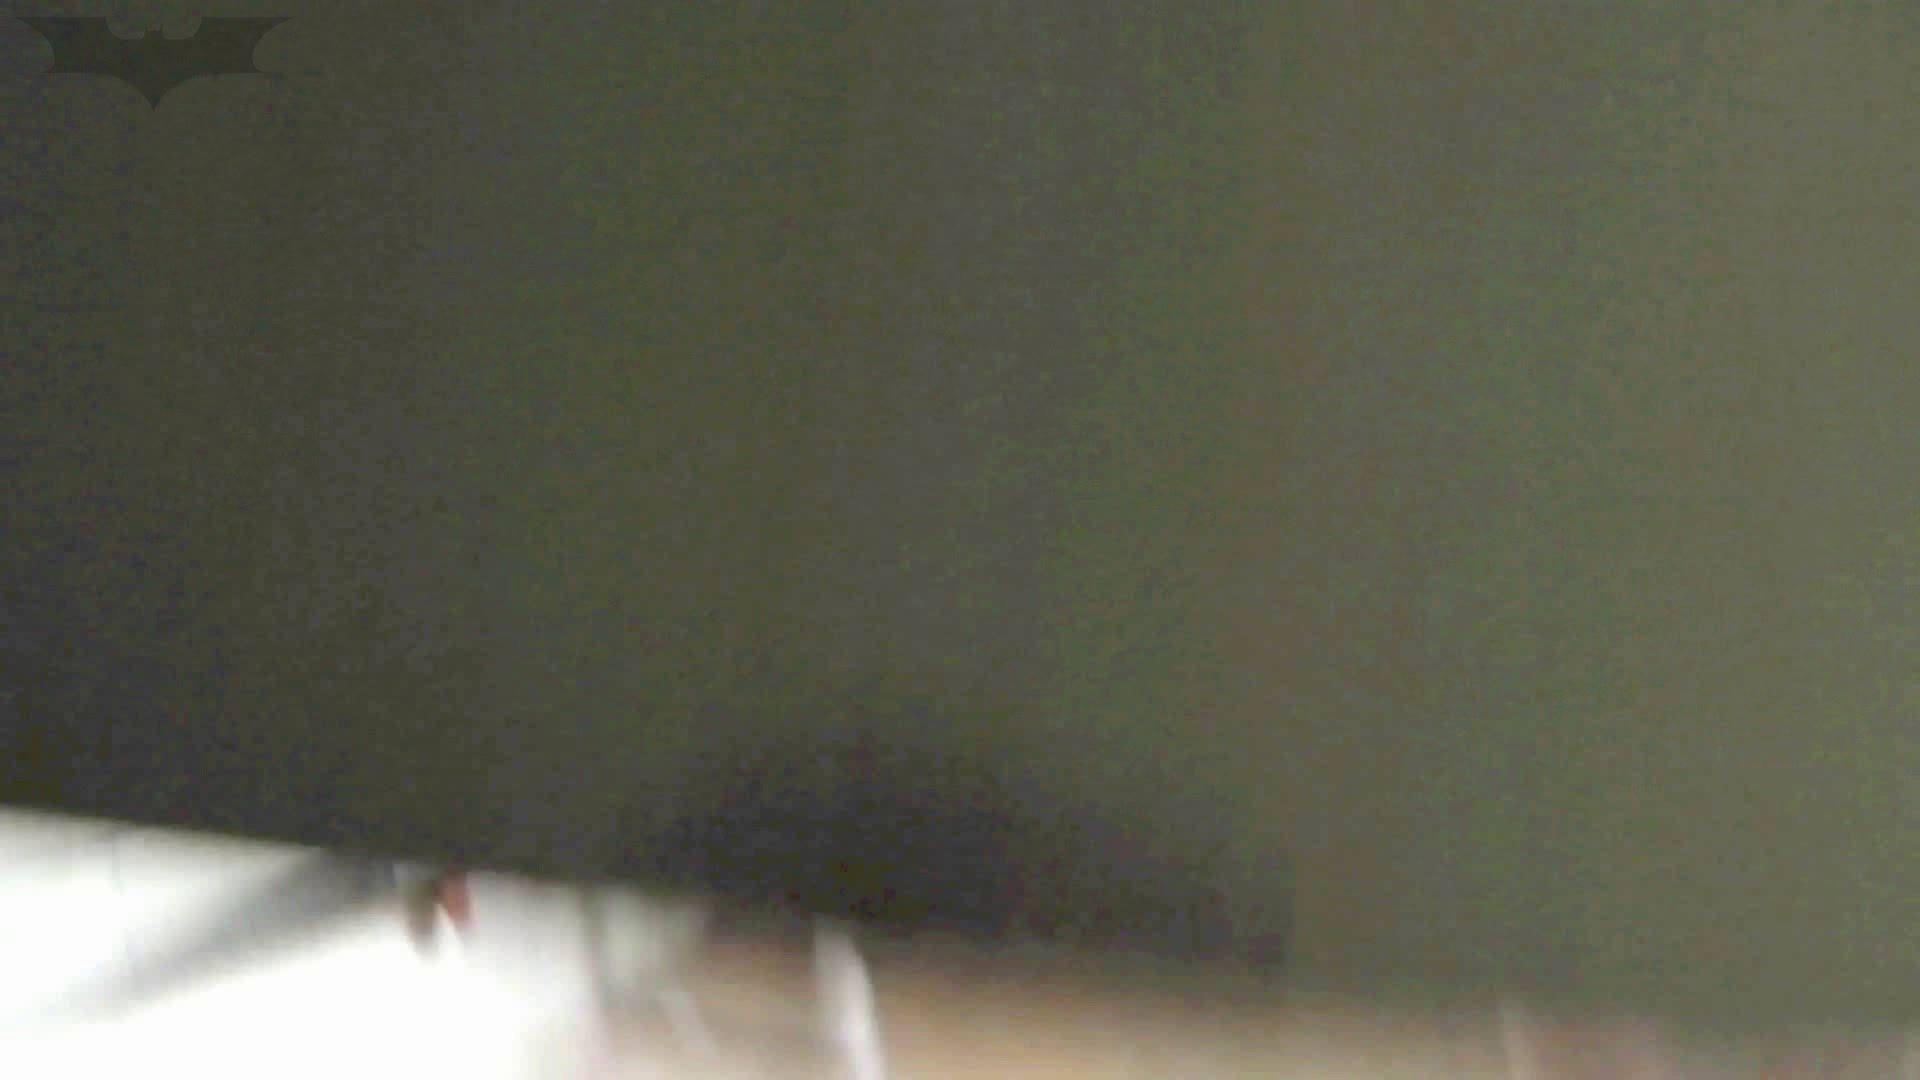 ステーション編 vol.28 無料動画に登場したモデルつい本番登場!! エッチなお姉さん  29画像 18